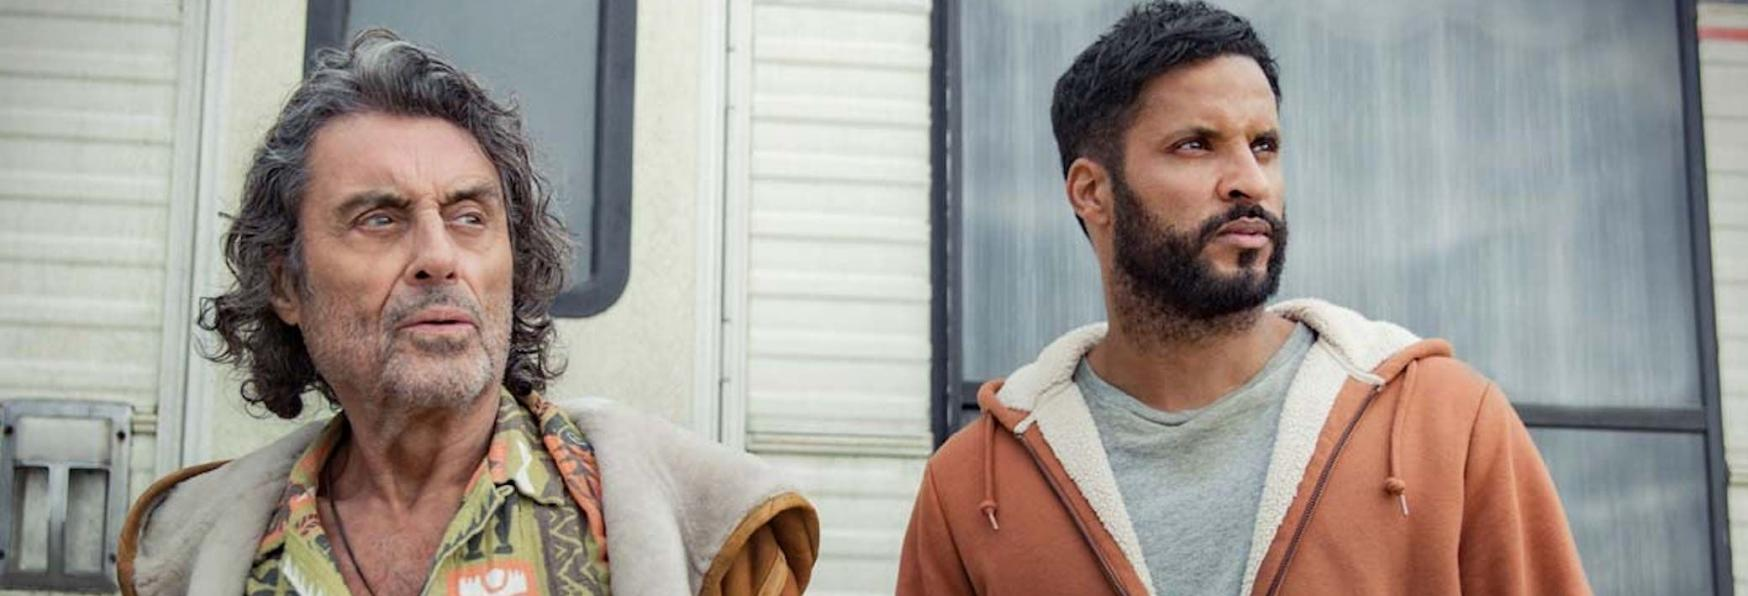 American Gods 4 non ci sarà! Starz Cancella la Serie TV dopo 3 Stagioni